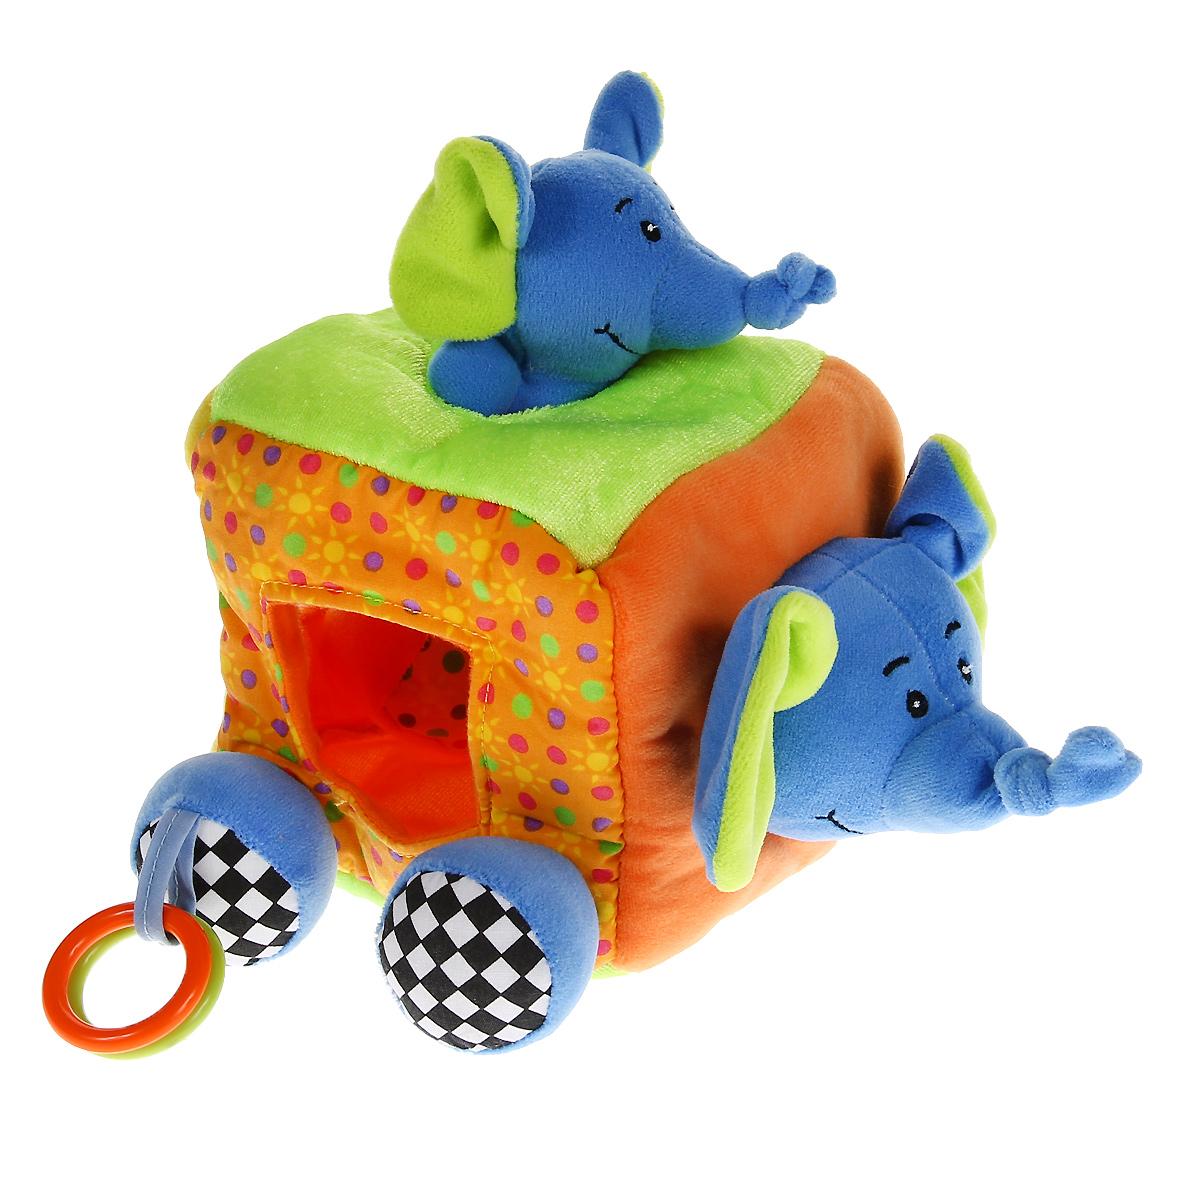 WSBD World Развивающий кубик-сортер СлоникB-11033Развивающий кубик-сортер Слоник непременно понравится вашему малышу и надолго займет его внимание. Он выполнен из текстильного материала разных цветов и фактур в виде кубика, дополненного ножками и головой слоника. На ножках слона подвешены пластиковые колечки. Также в комплект входят четыре элемента в виде квадрата, круга, треугольника и слоненка. Квадратик содержит шуршащий элемент, внутри треугольника спрятана пищалка, внутри кружка - сфера, гремящая при тряске, а к слоненку крепится прорезыватель, который поможет ребенку снять неприятные ощущения при появлении зубов. На гранях кубика расположены отверстия в виде круга, треугольника, квадрата и овала. Задача малыша заключается в том, чтобы опустить игрушки в соответствующие им отверстия. Мягкий кубик-сортер способствует развитию у малыша логического мышления, цветового восприятия, тактильных ощущений, мелкой моторики рук и координации движений, знакомит с понятием формы предмета.